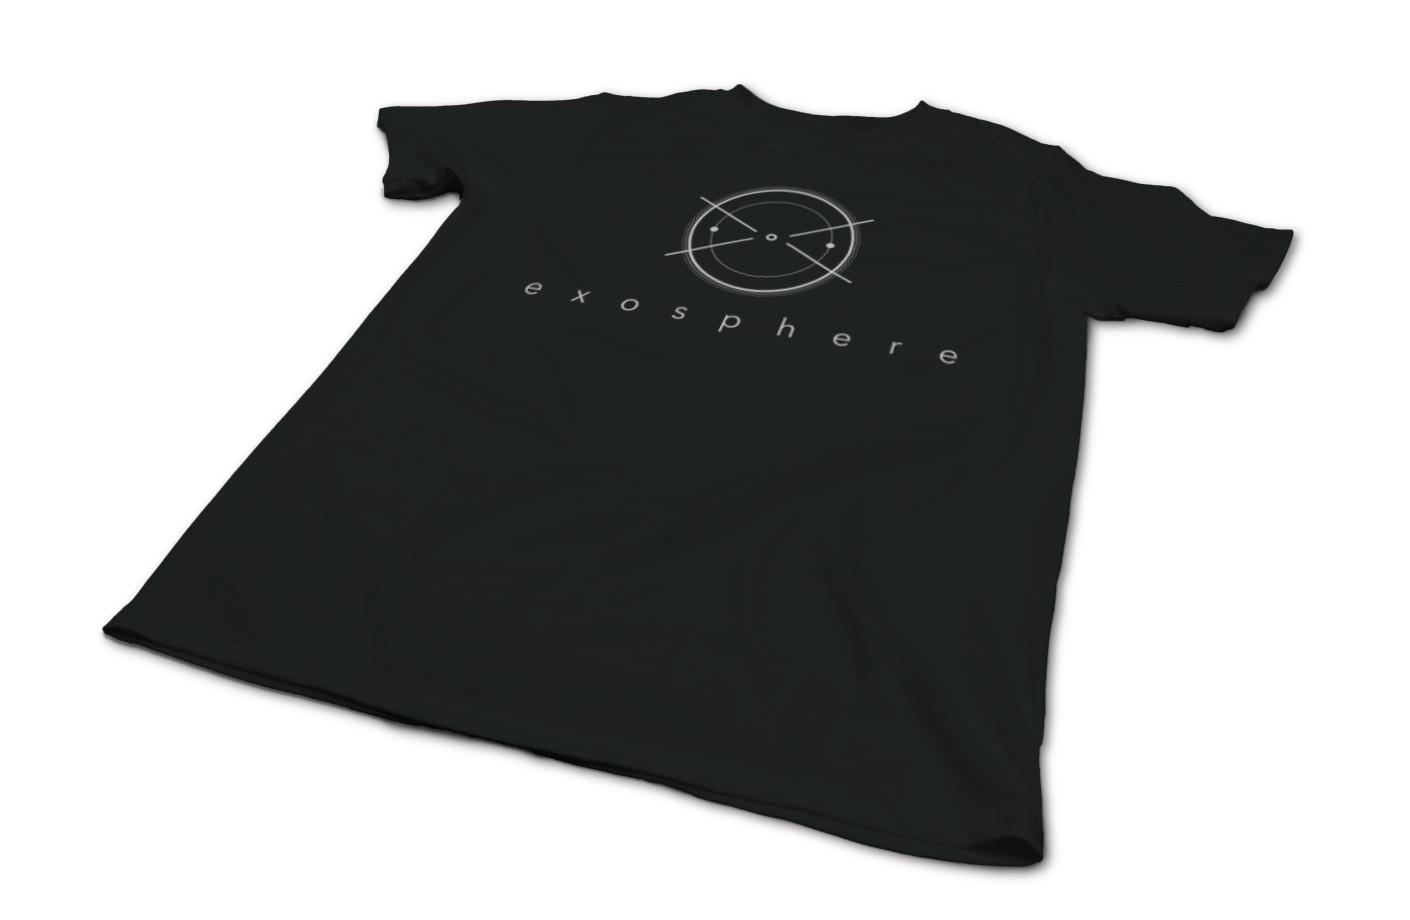 Exosphere exo logo design 1 1536469747